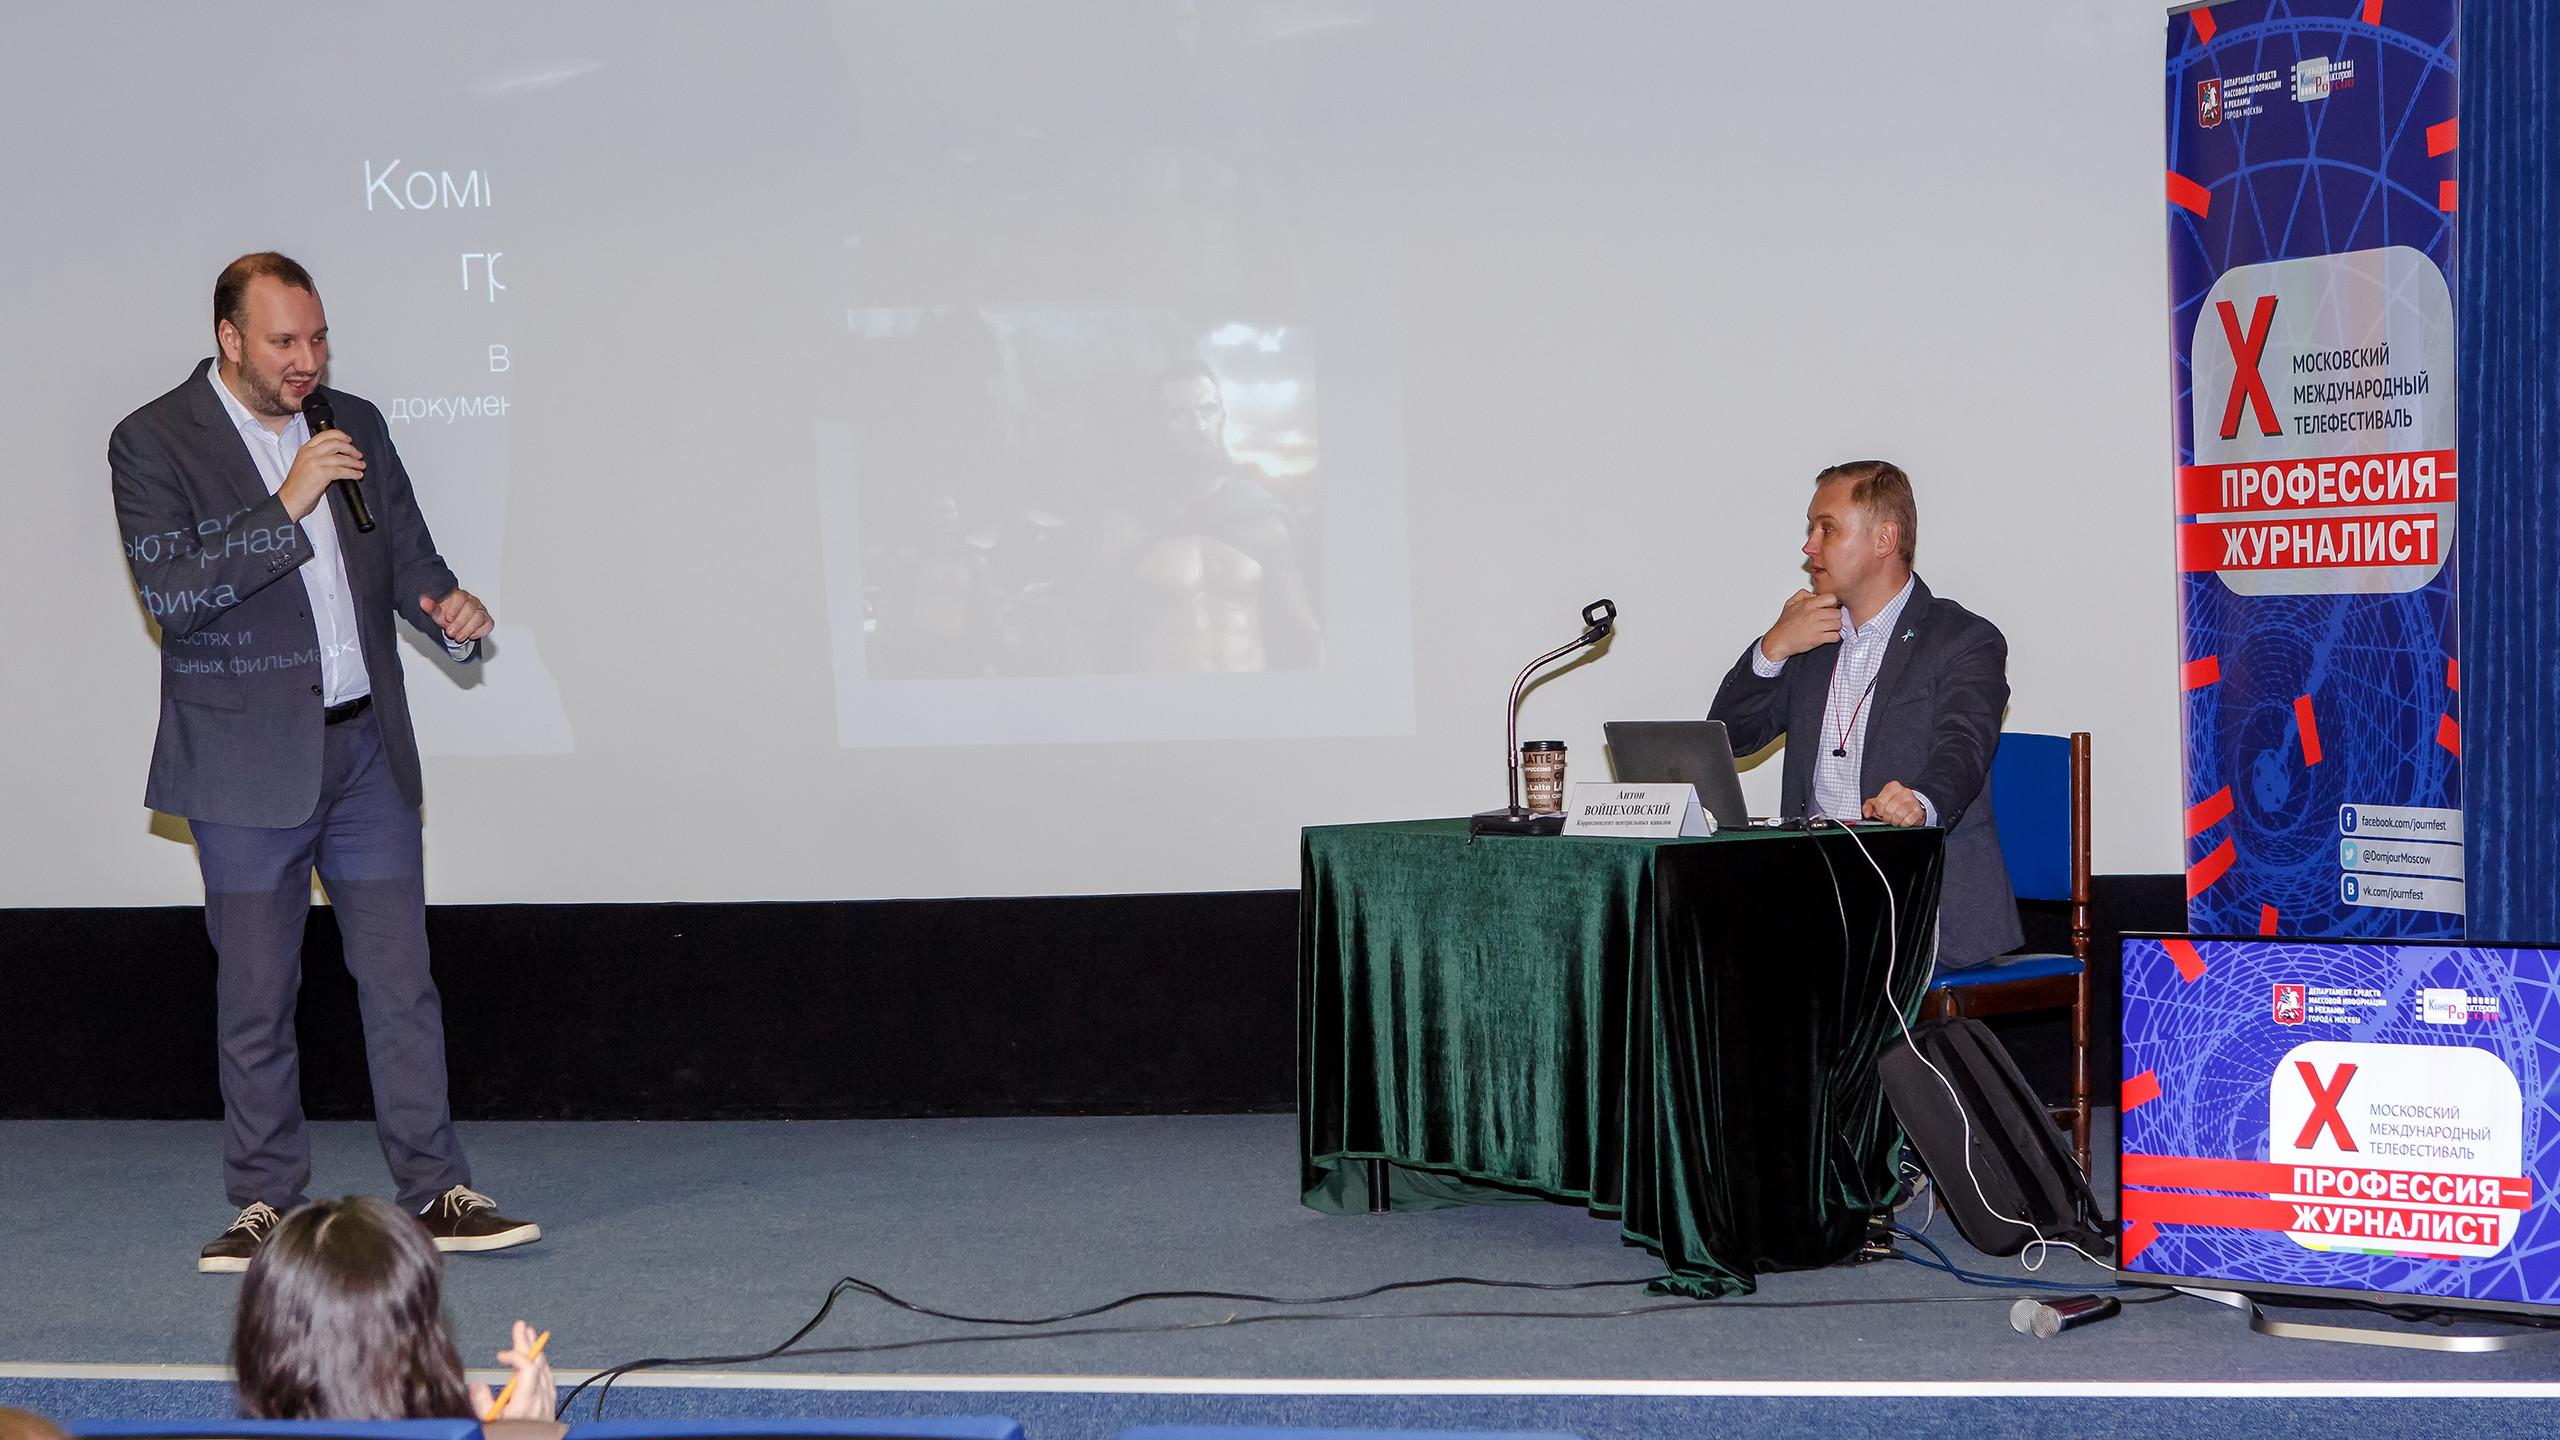 Мастер-класс Антона Войцеховского